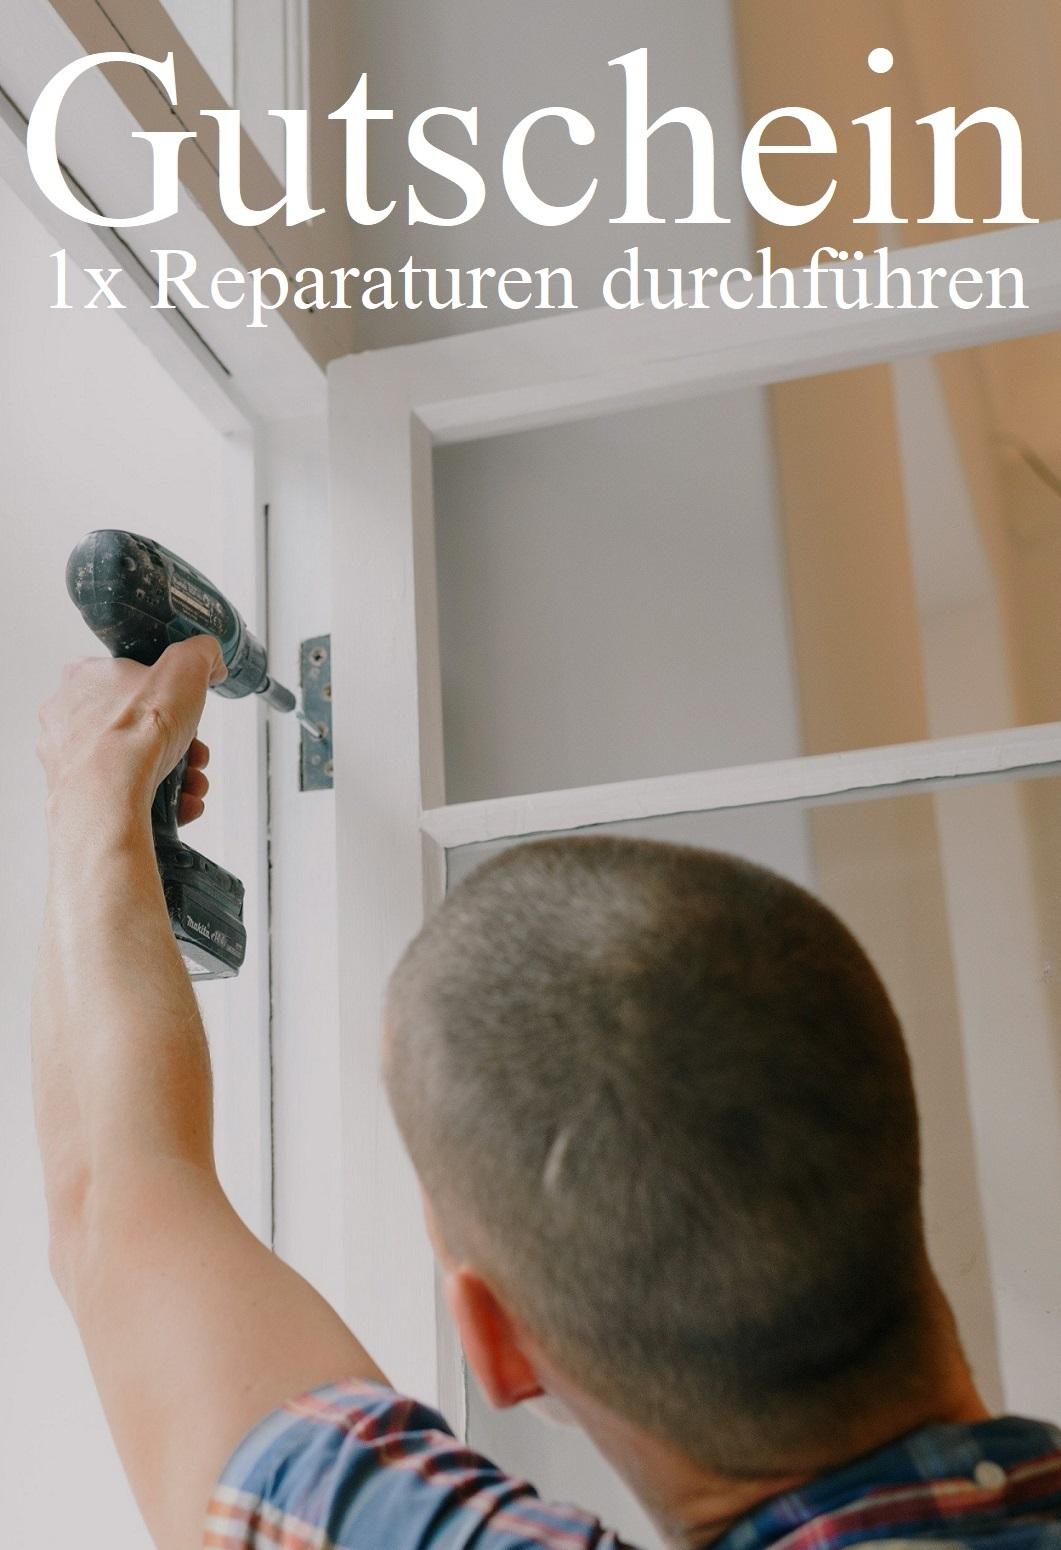 Gutscheinvorlage für Reparaturen